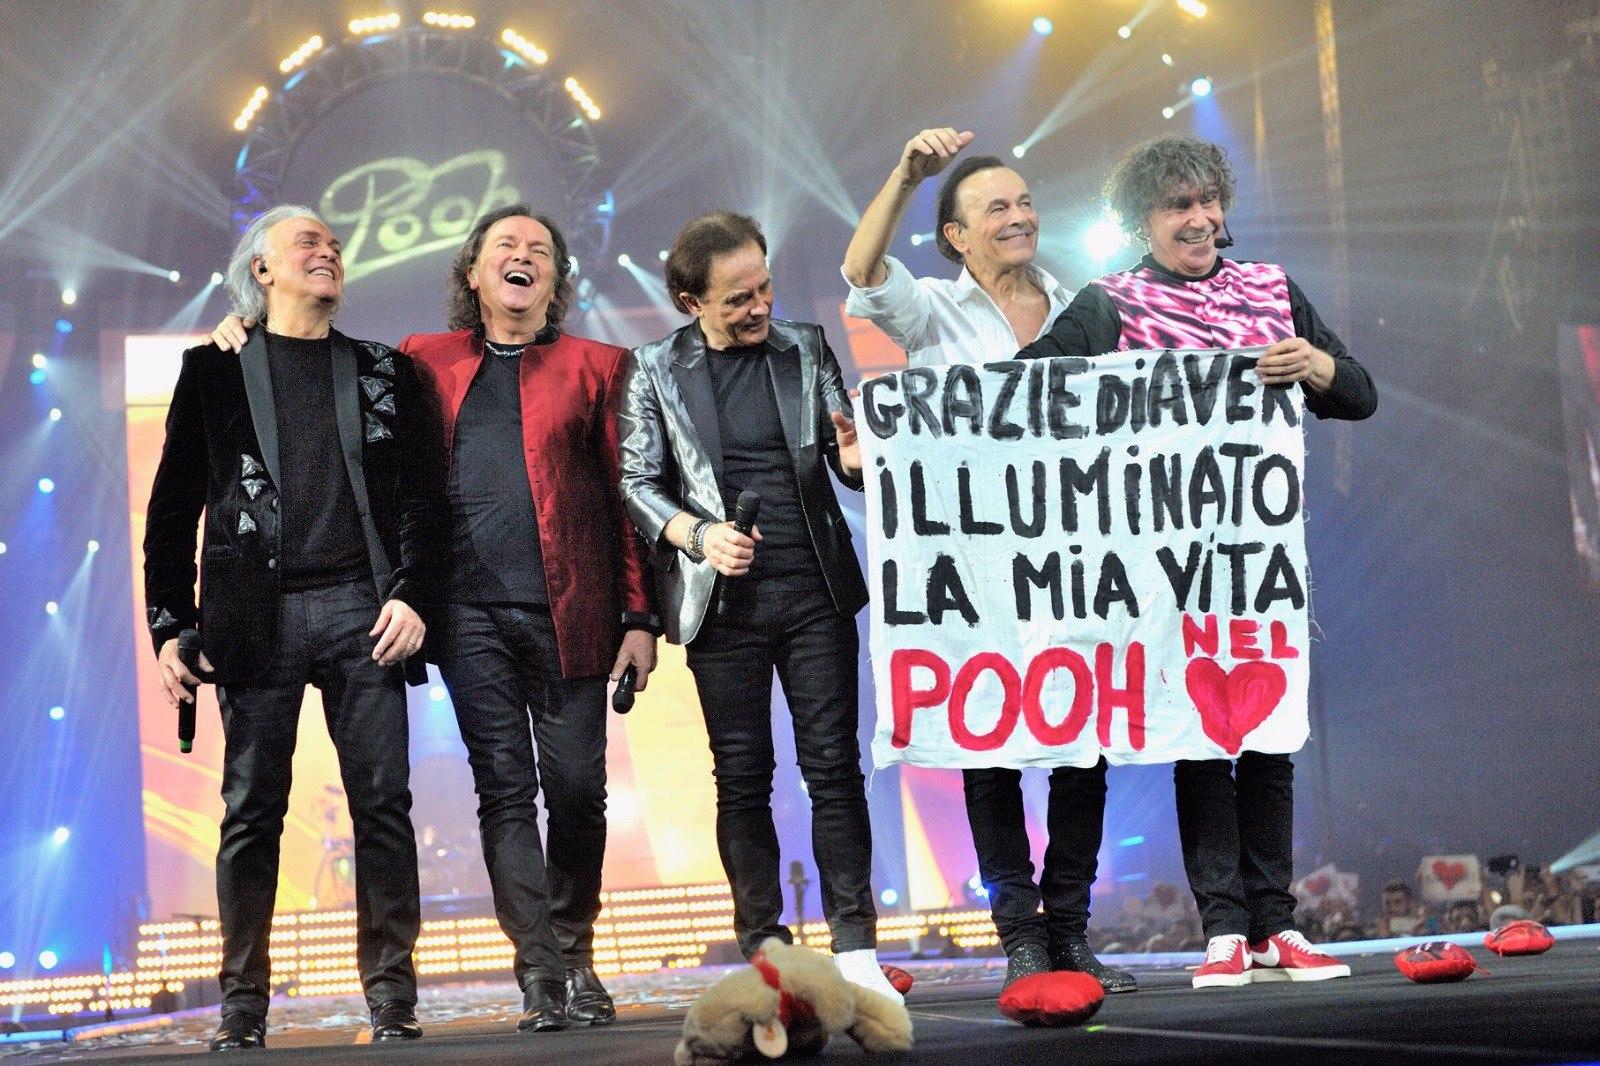 Pooh, 50 anni di musica: la nuova raccolta di canzoni nel ricordo di Stefano D'Orazio